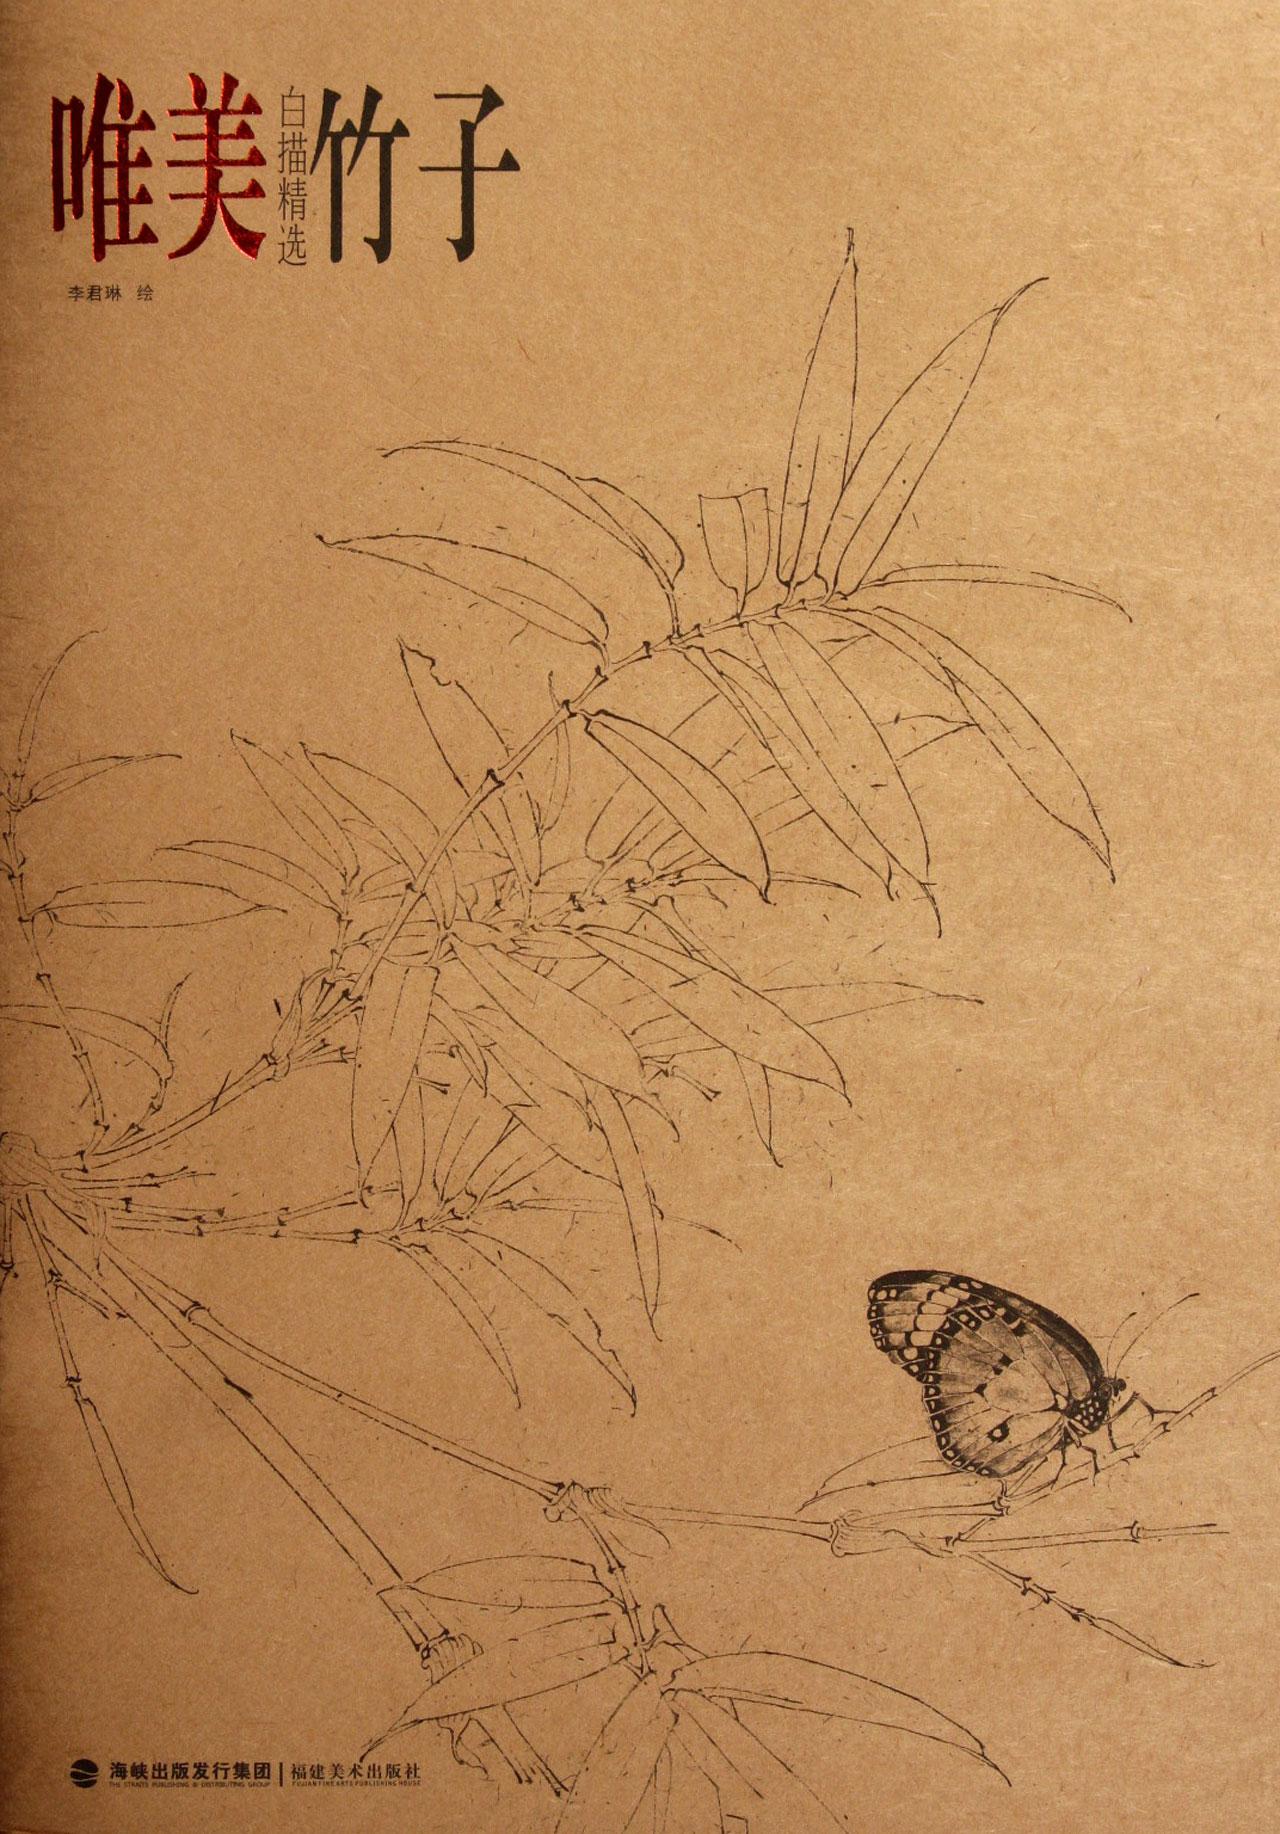 素描竹子画法步骤图